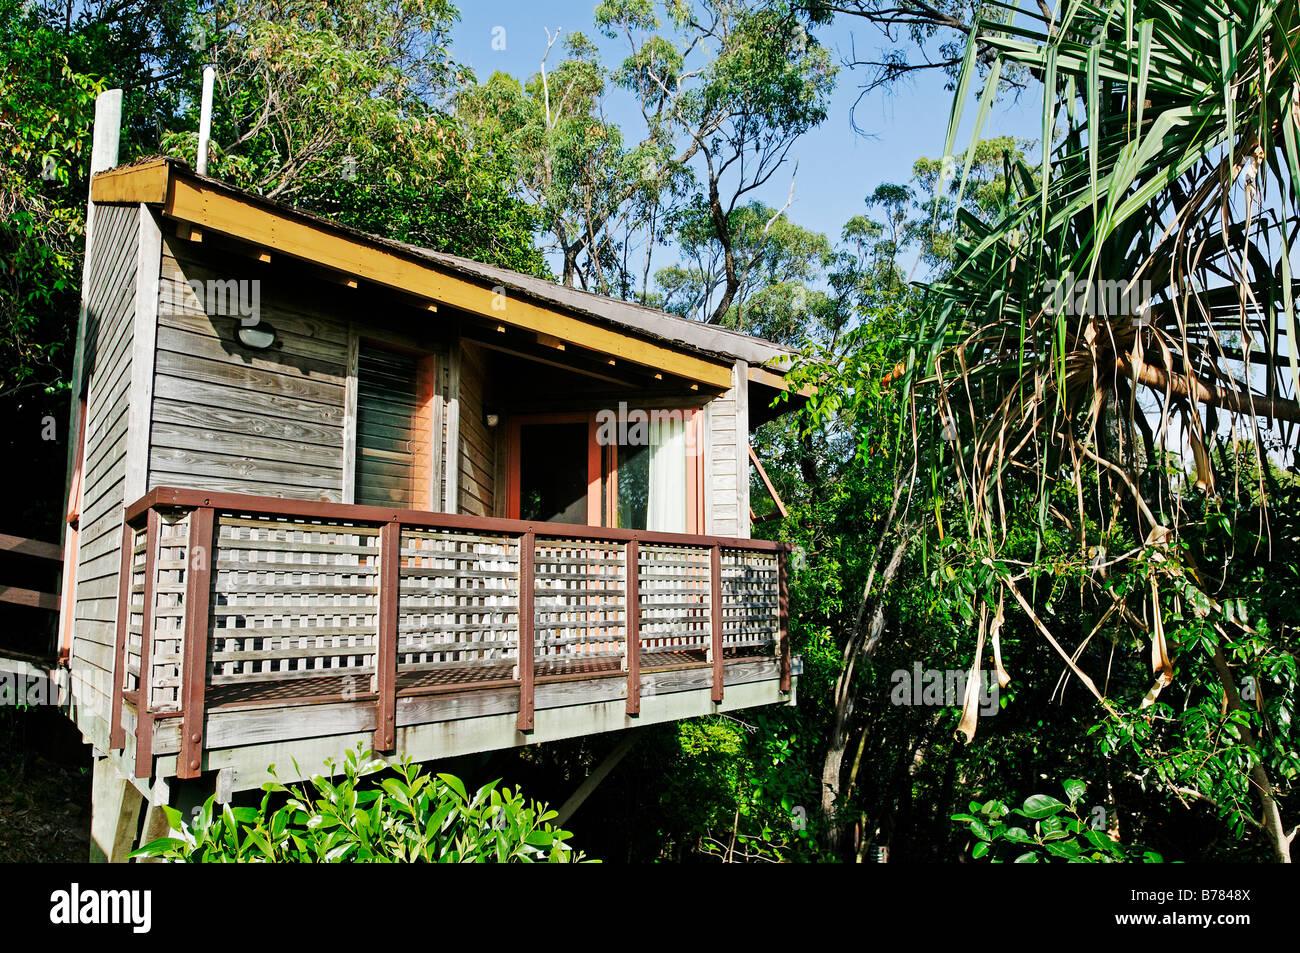 Hinchinbrook Island Resort Hinchinbrook Island National